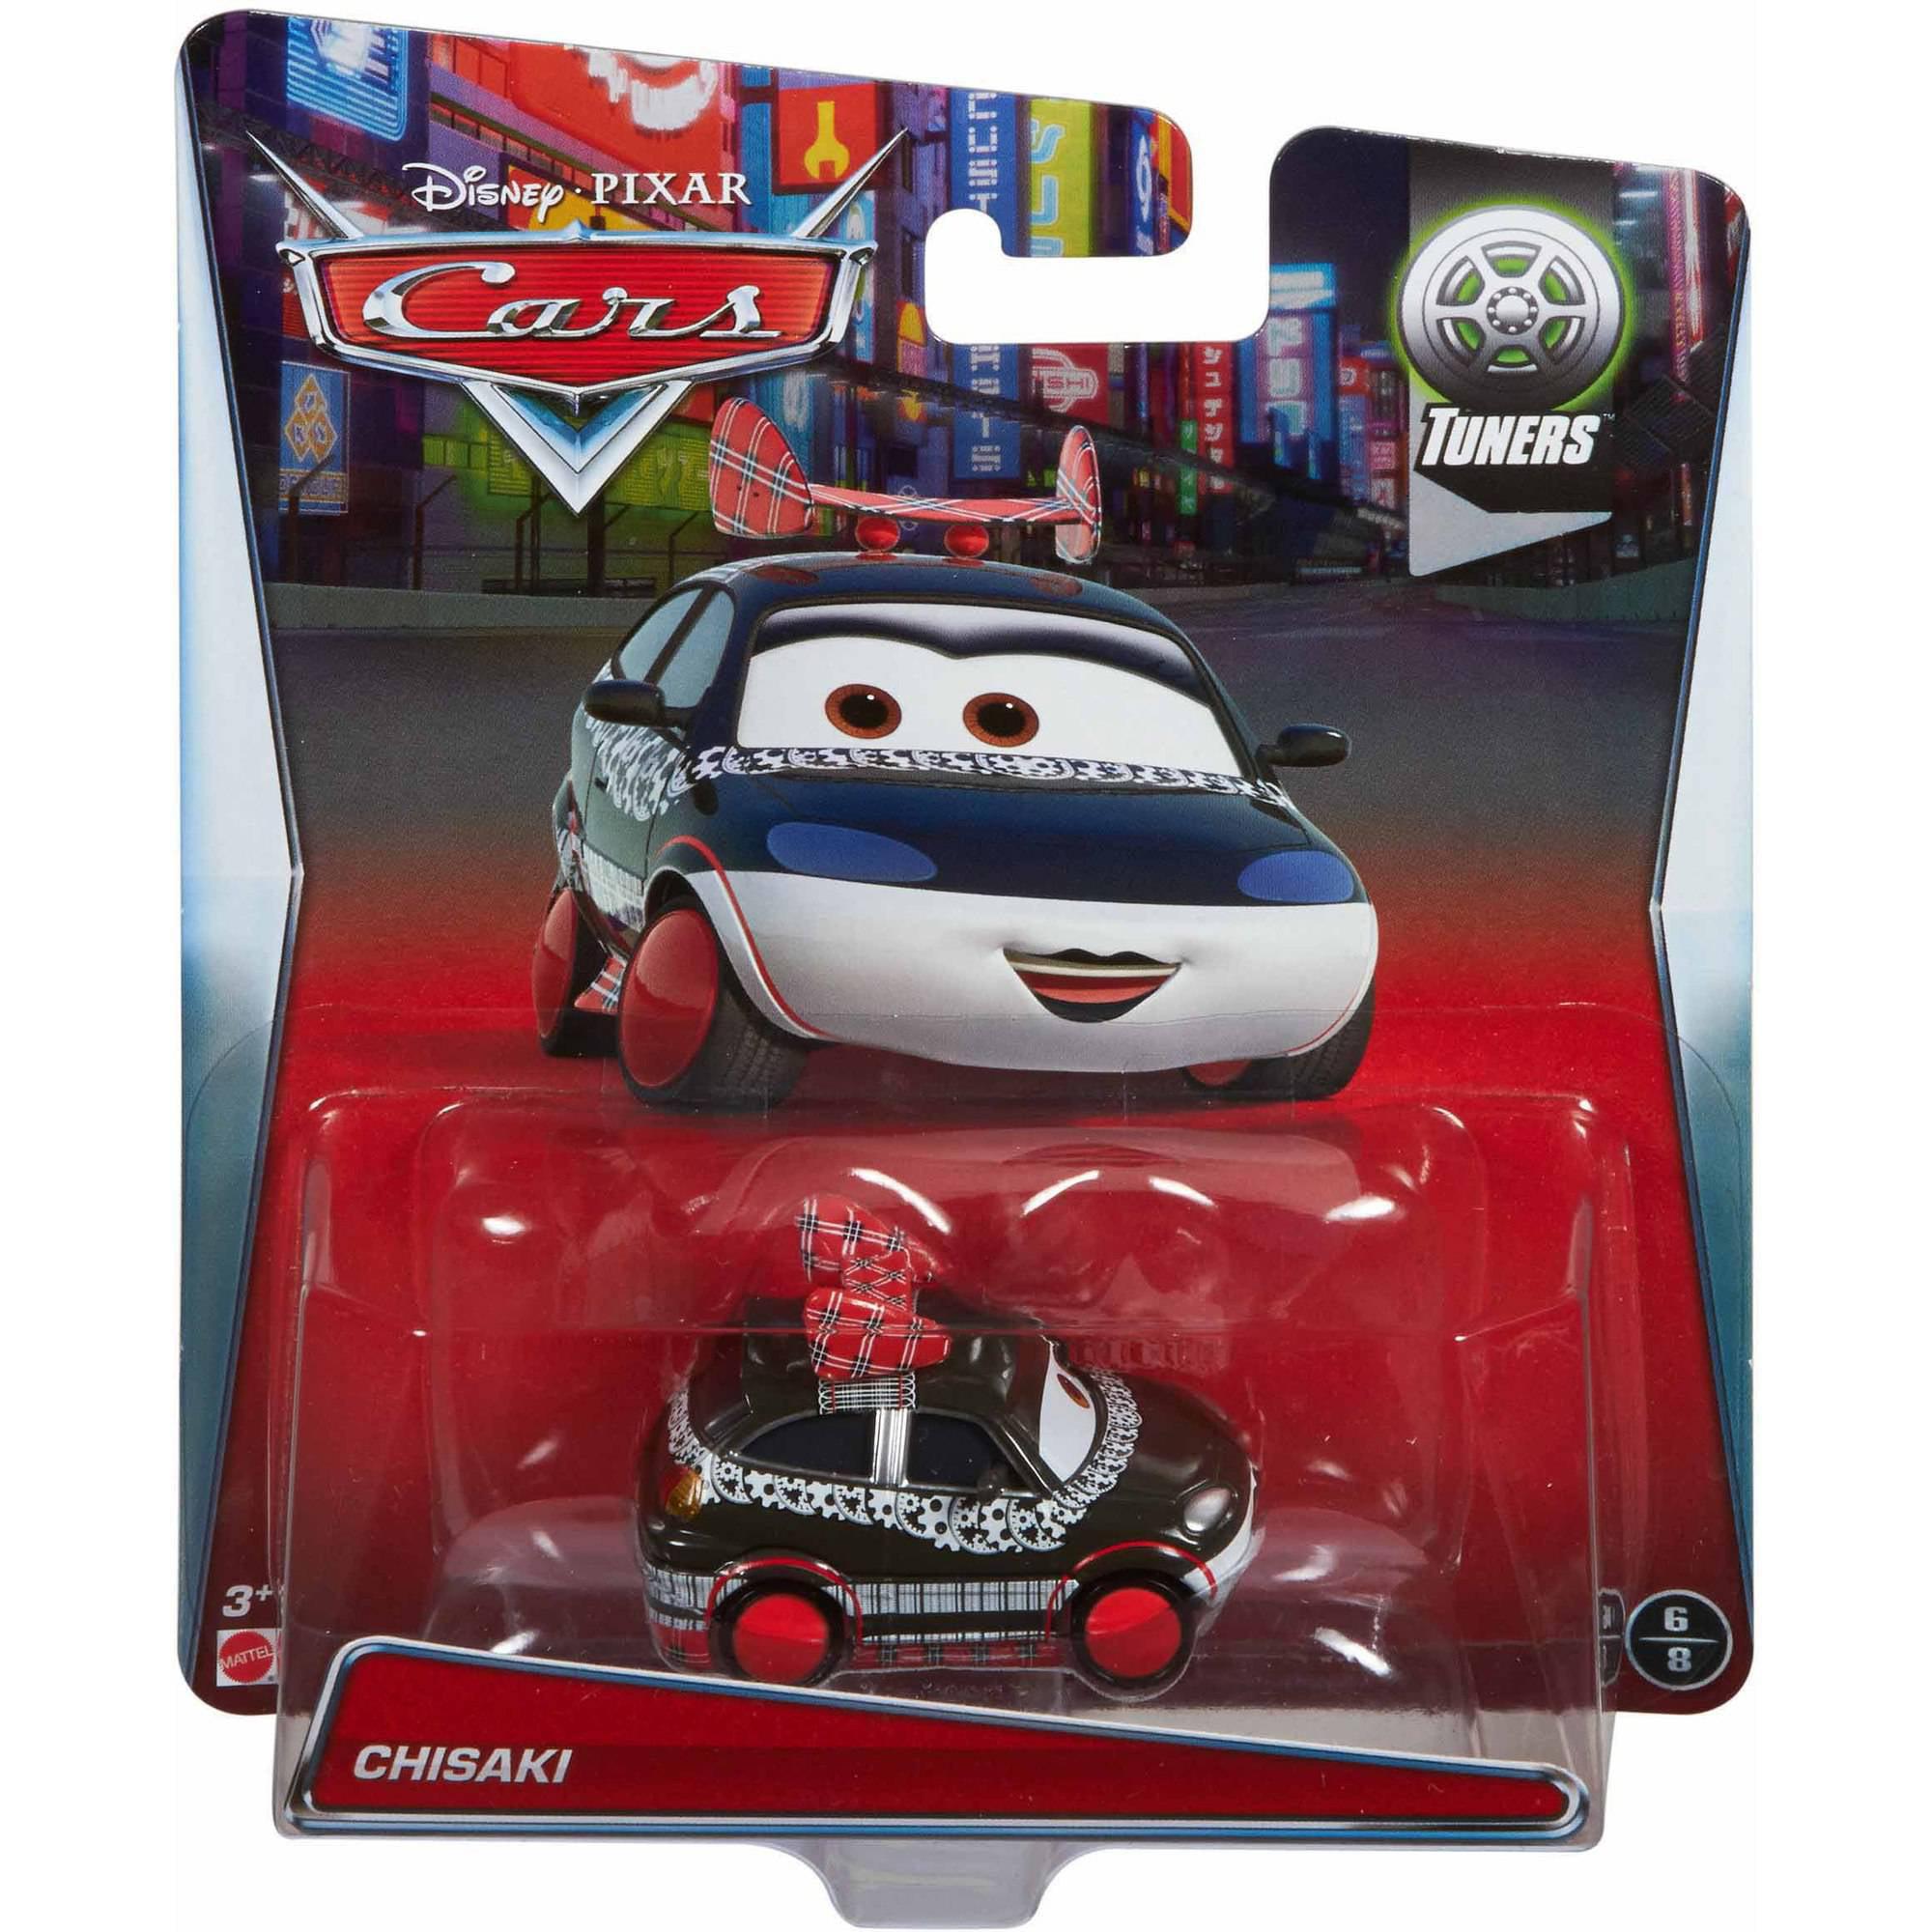 VOITURE DISNEY PIXAR CARS Chisaki